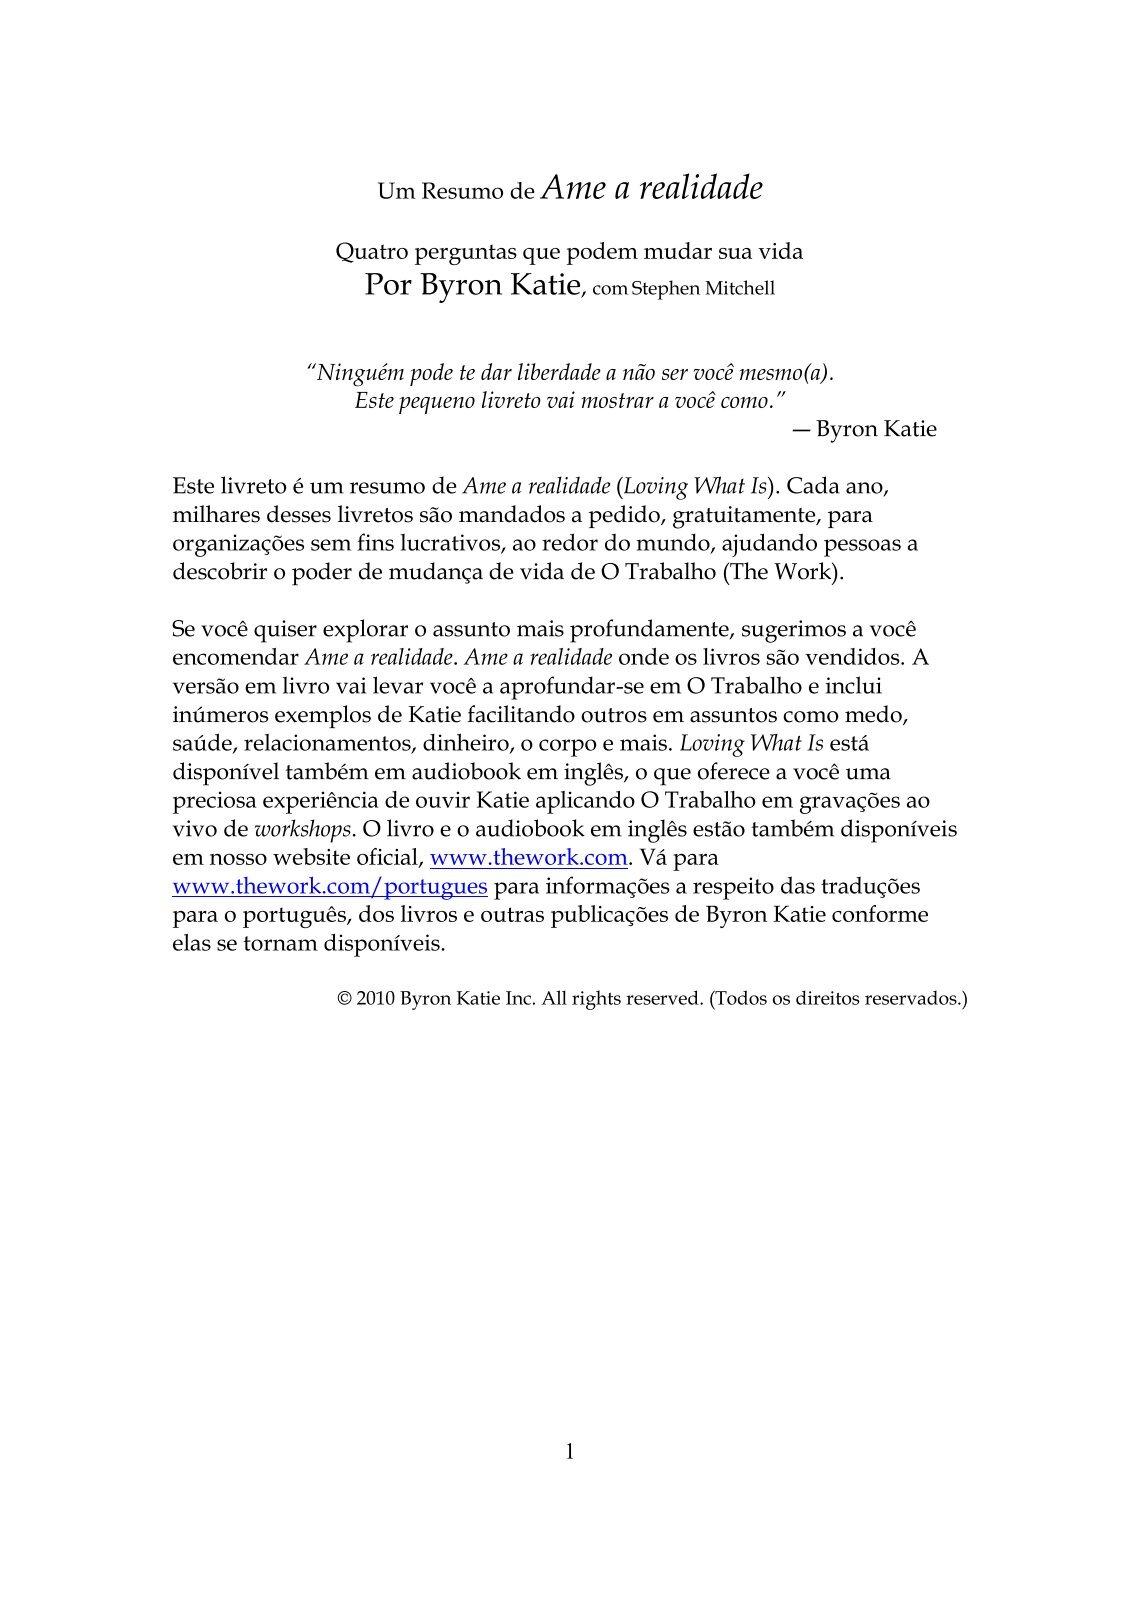 Dorable Cladograma Clave De Respuestas Hoja De Trabajo Adorno ...